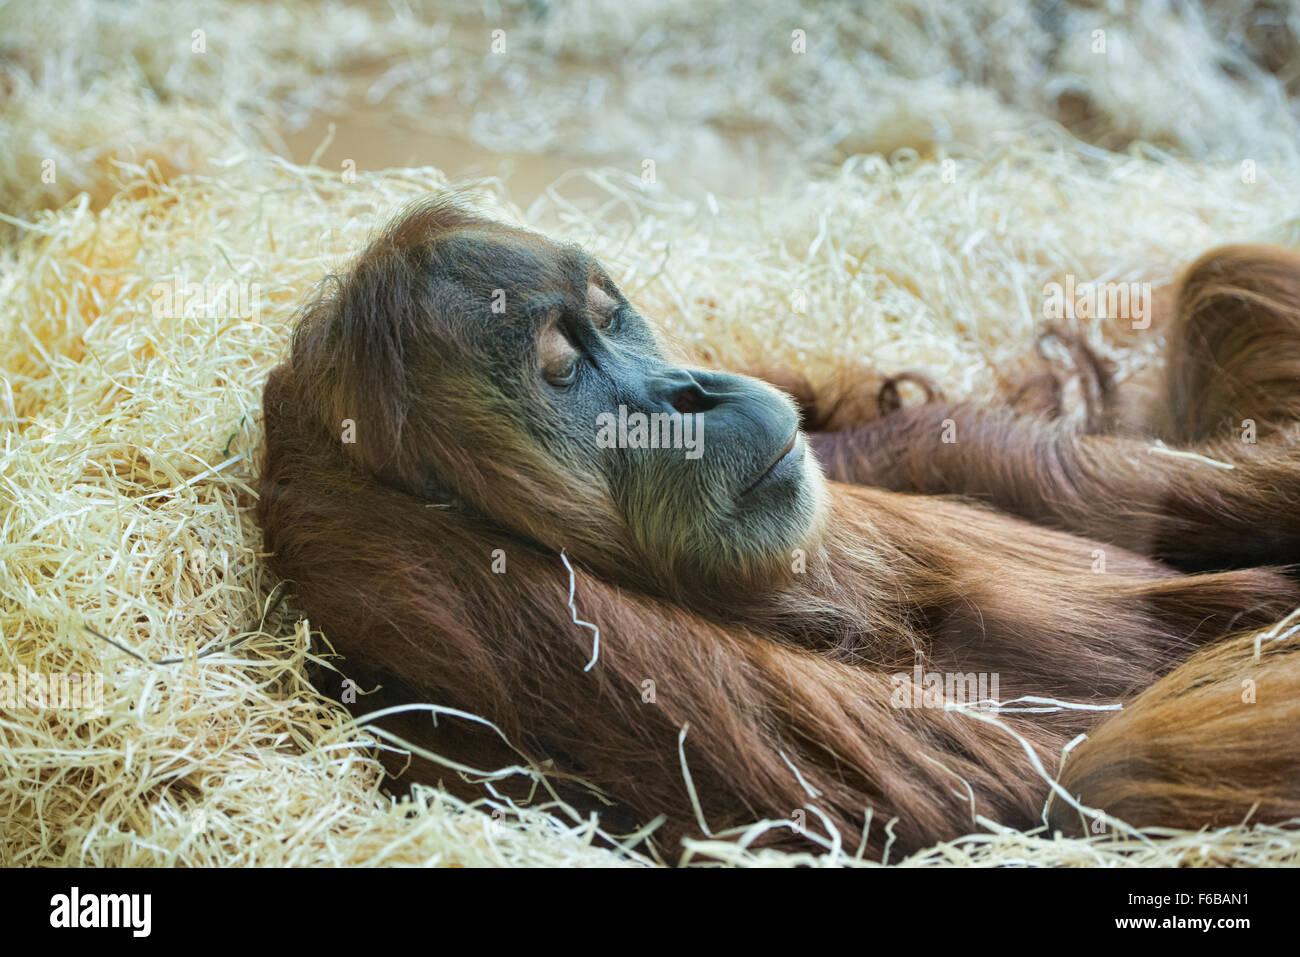 Sumatran orangutan (Pongo abelii) at rest Stock Photo